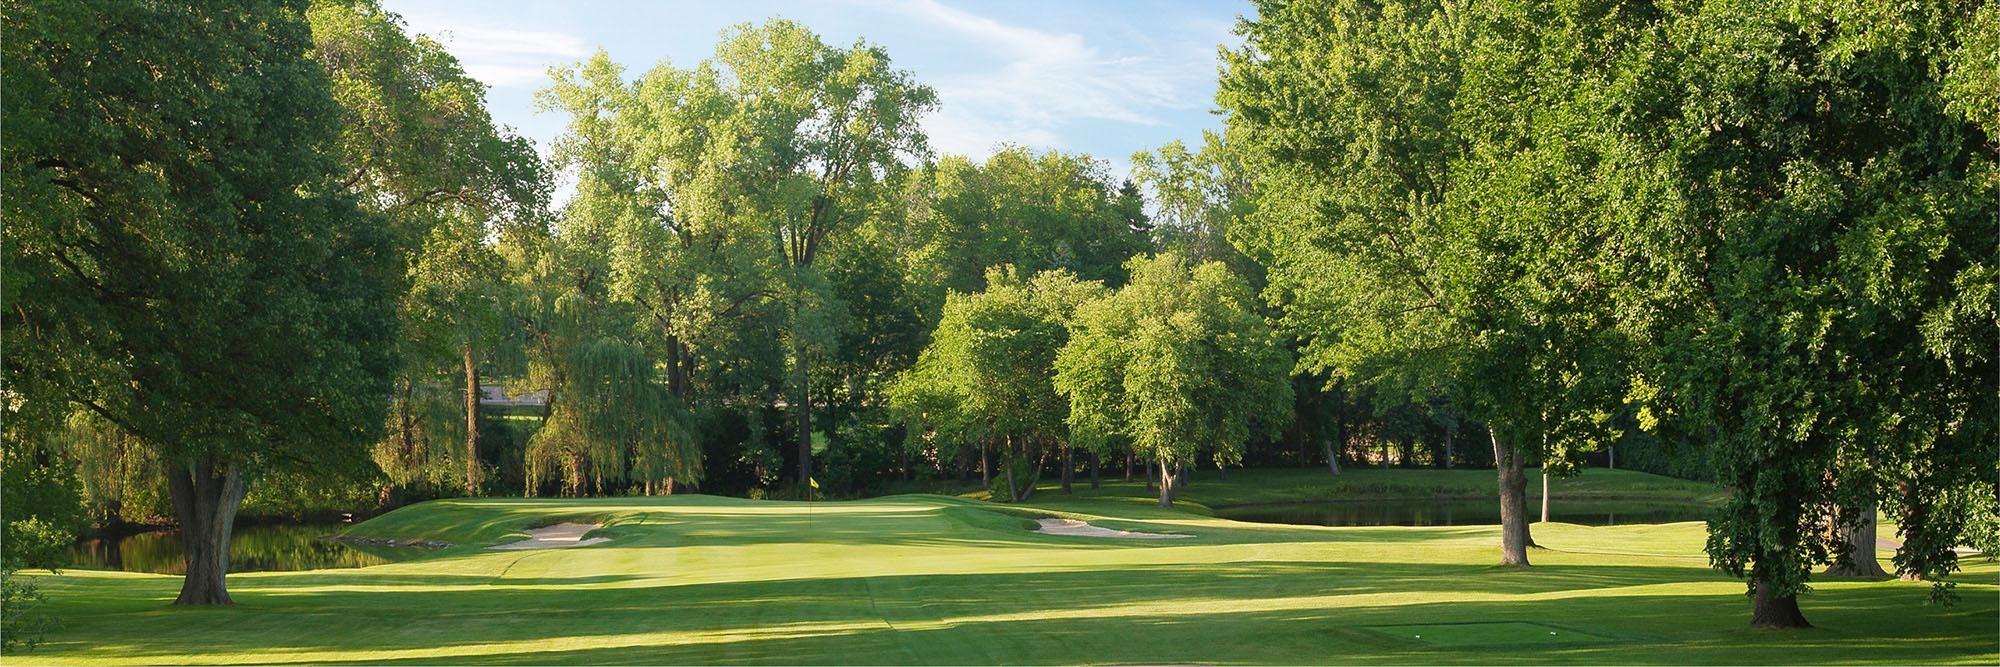 Golf Course Image - Interlachen No. 3